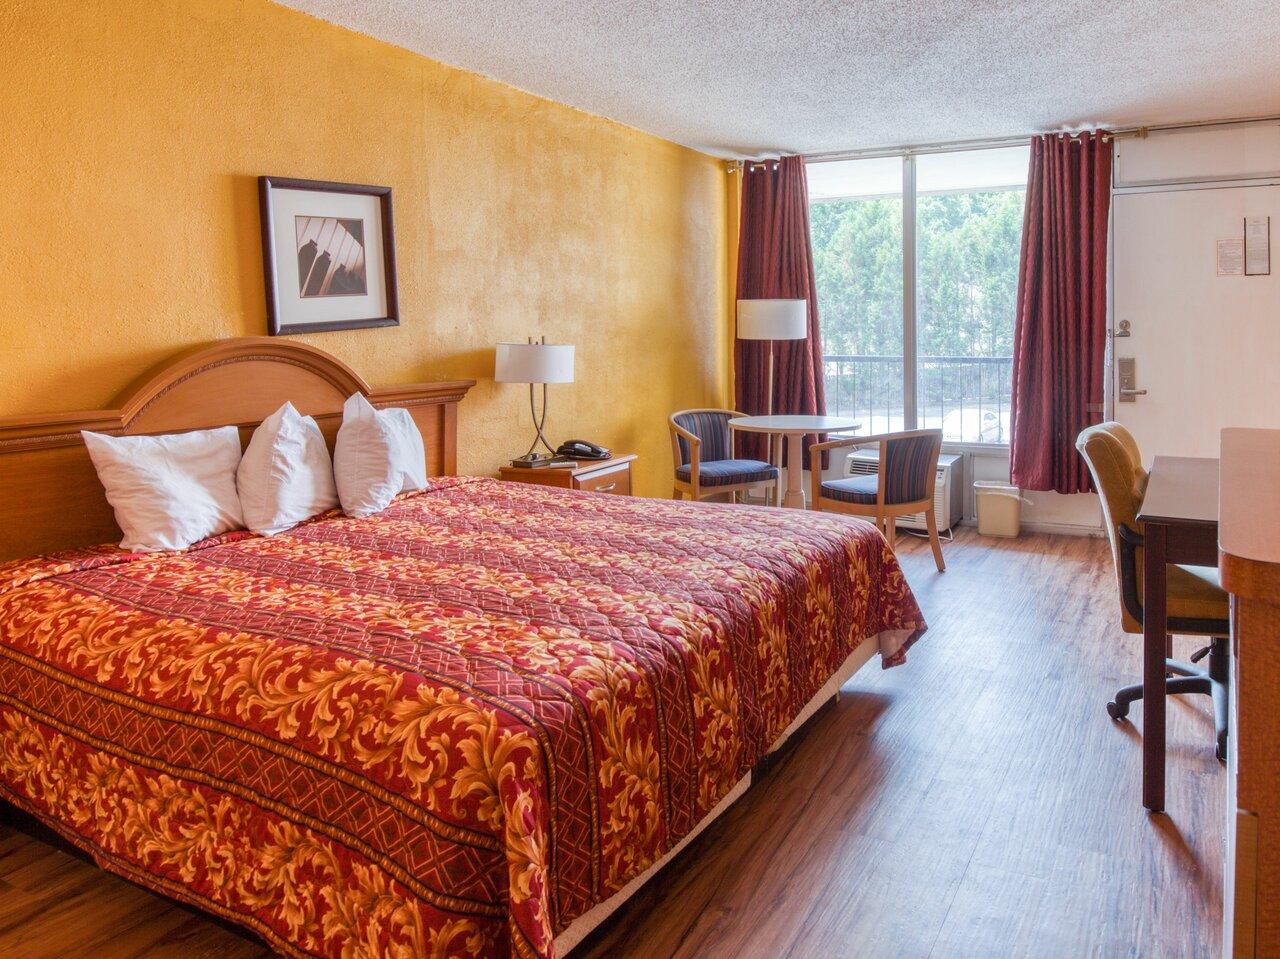 American Atlanta Inn And Suites